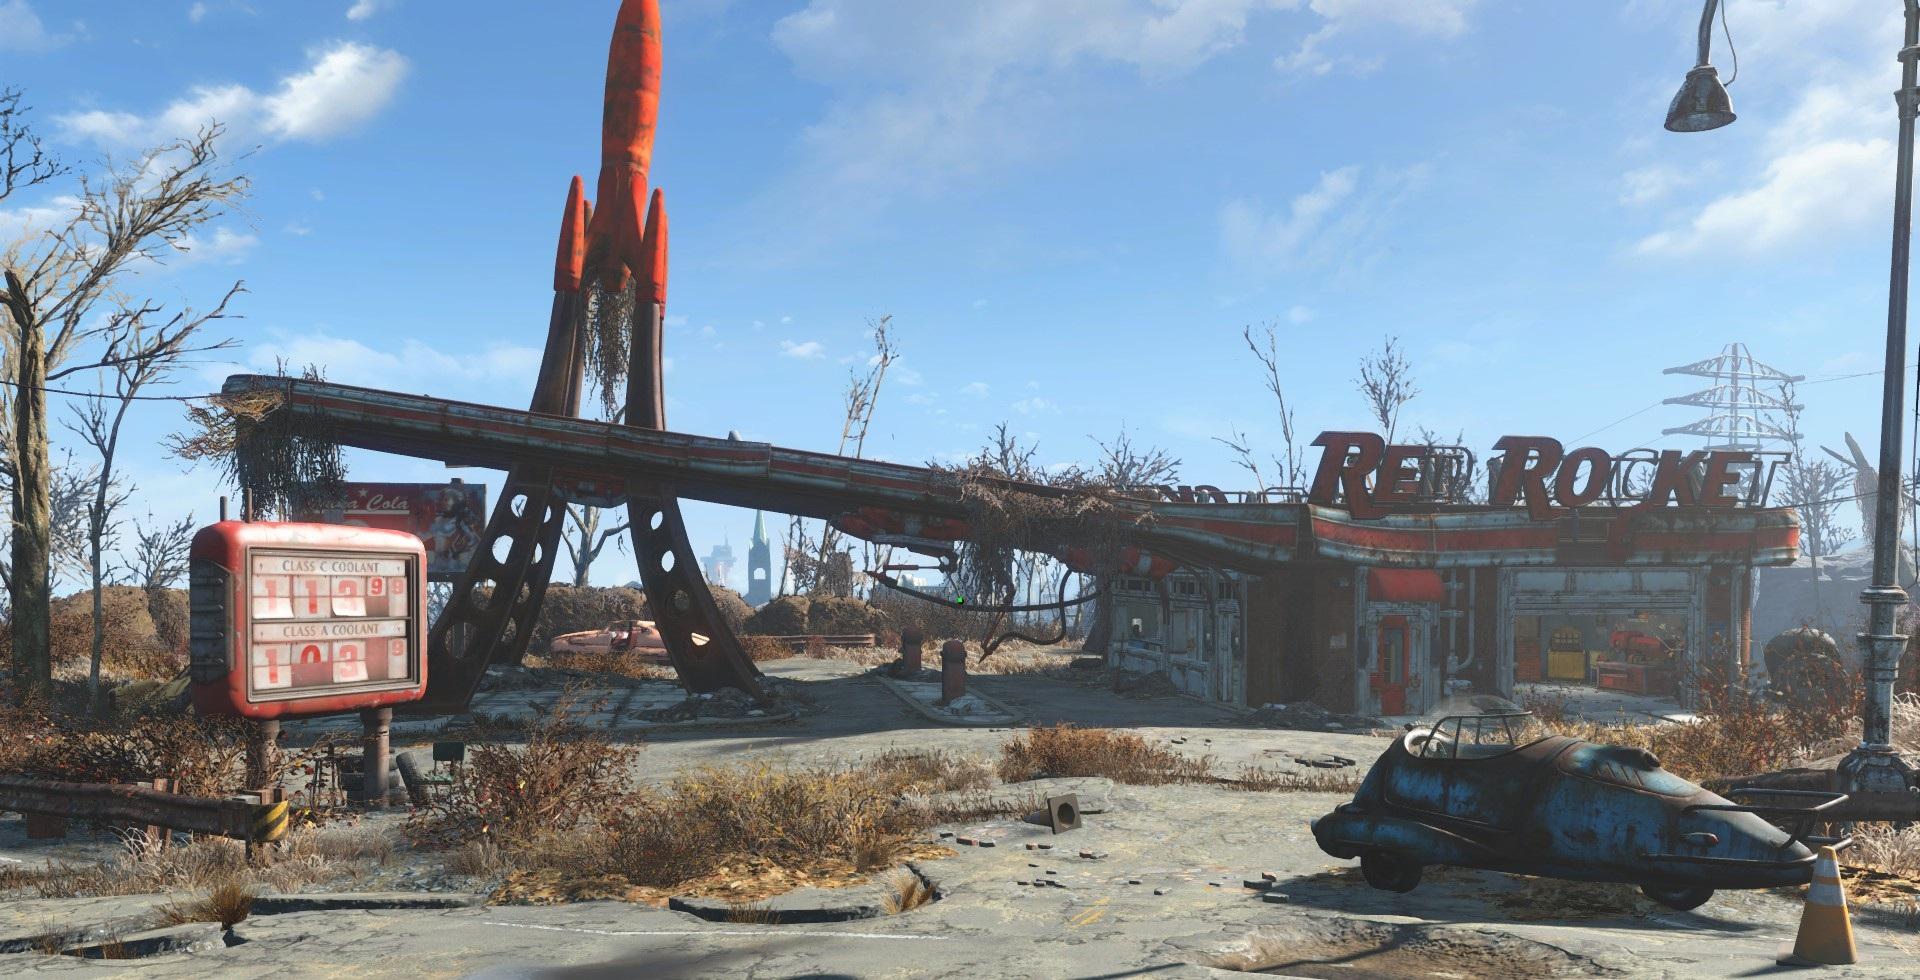 Red Rocket Station